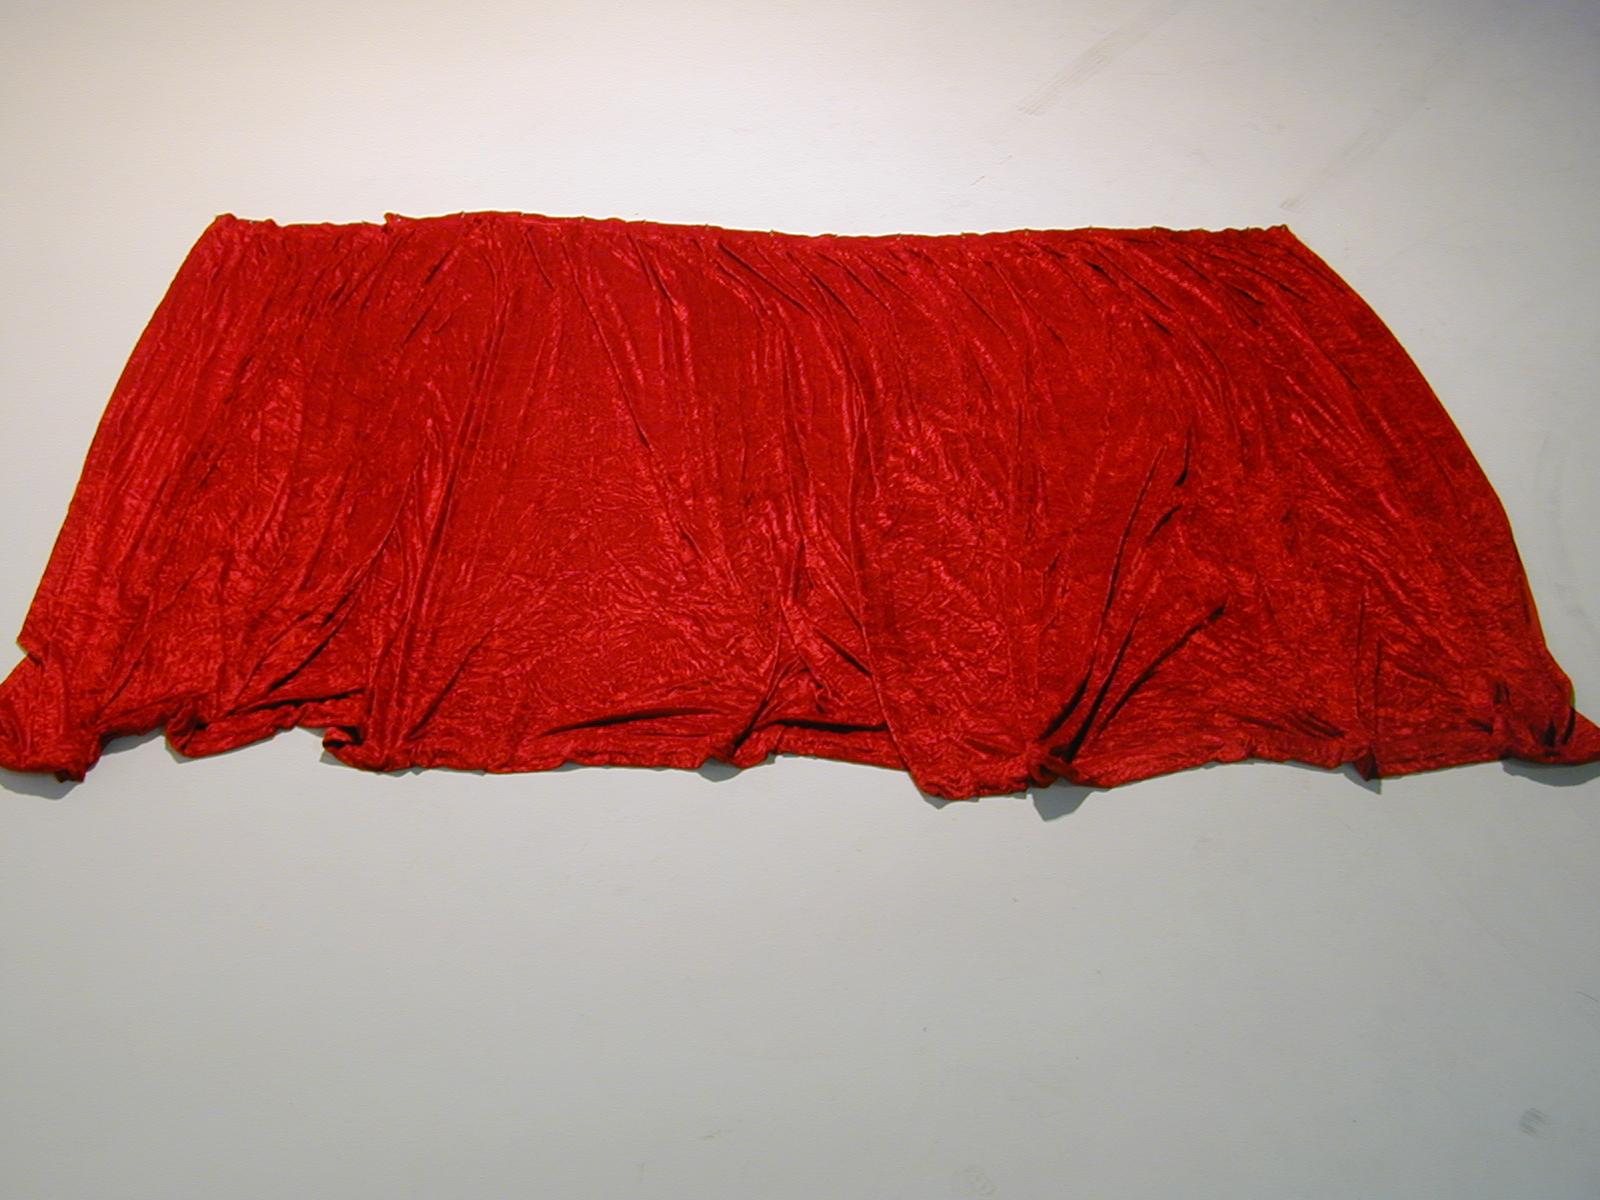 red velvet courtain 20' wide x 11' high.JPG